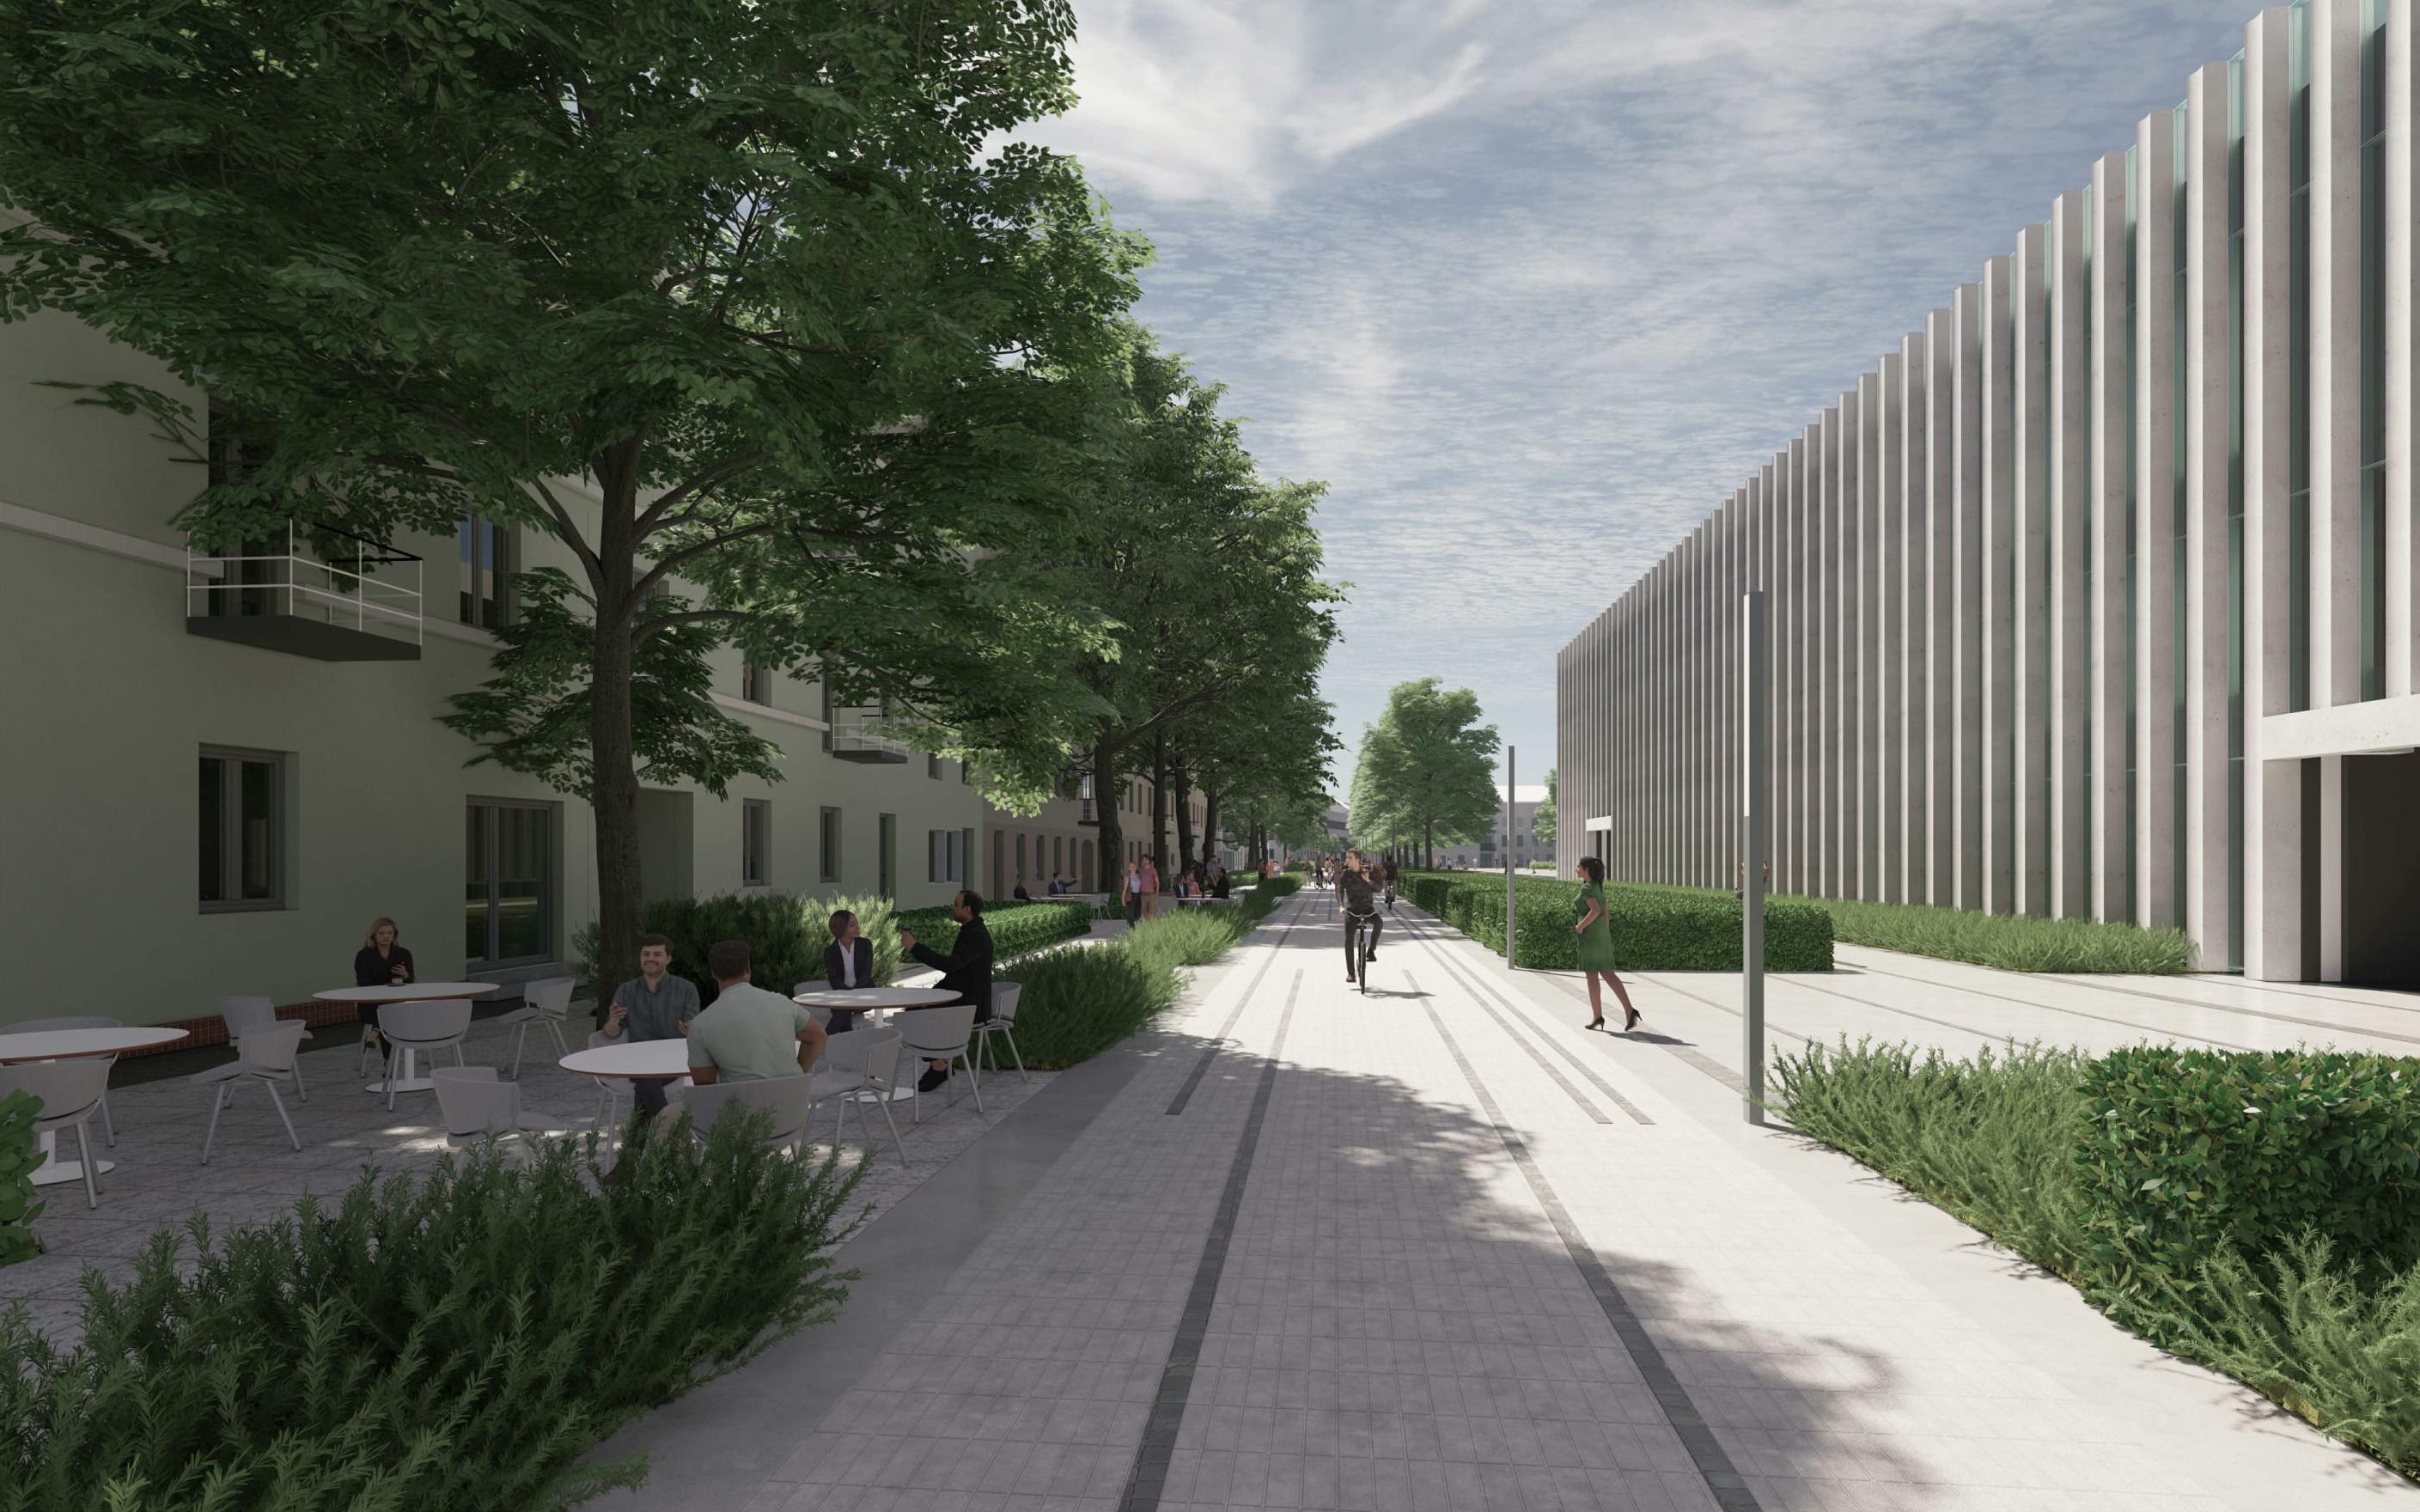 Kolejny krok do budowy sali koncertowej. Miasto chce pozyskać teren przy teatrze - Zdjęcie główne